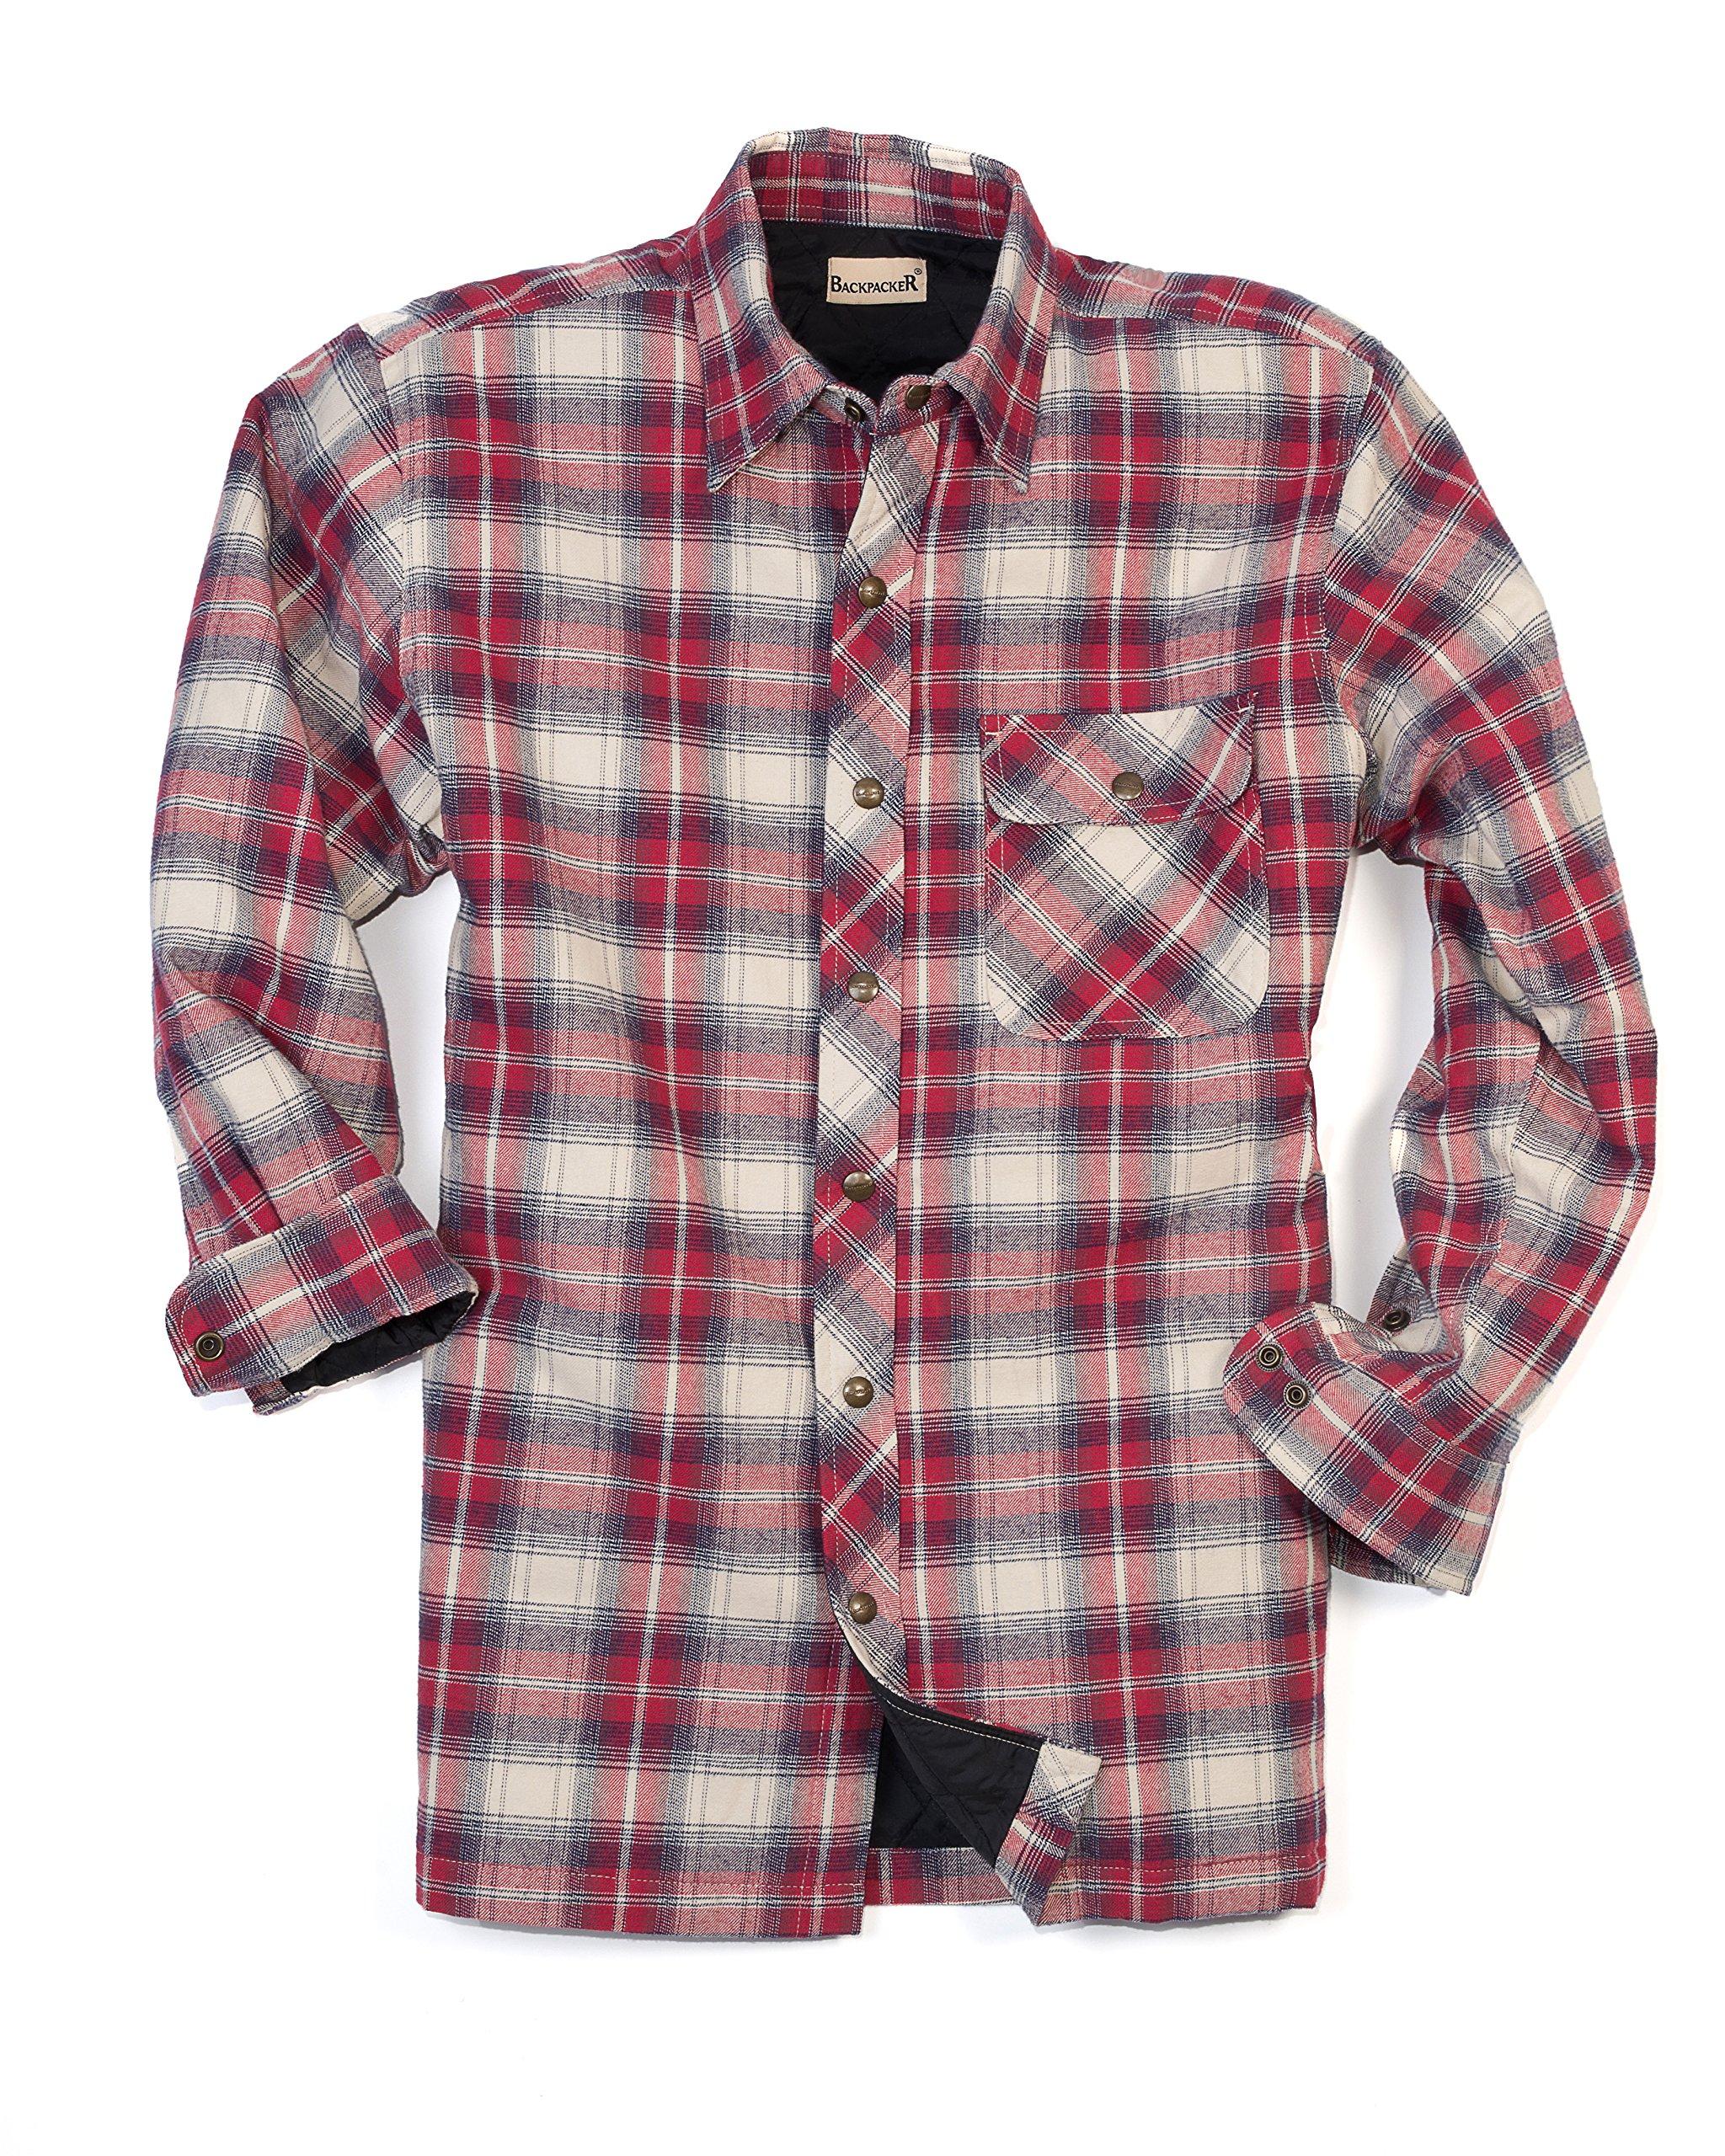 Backpacker Men's Flannel/Quilt Lined Shirt Jacket, Independent, Large